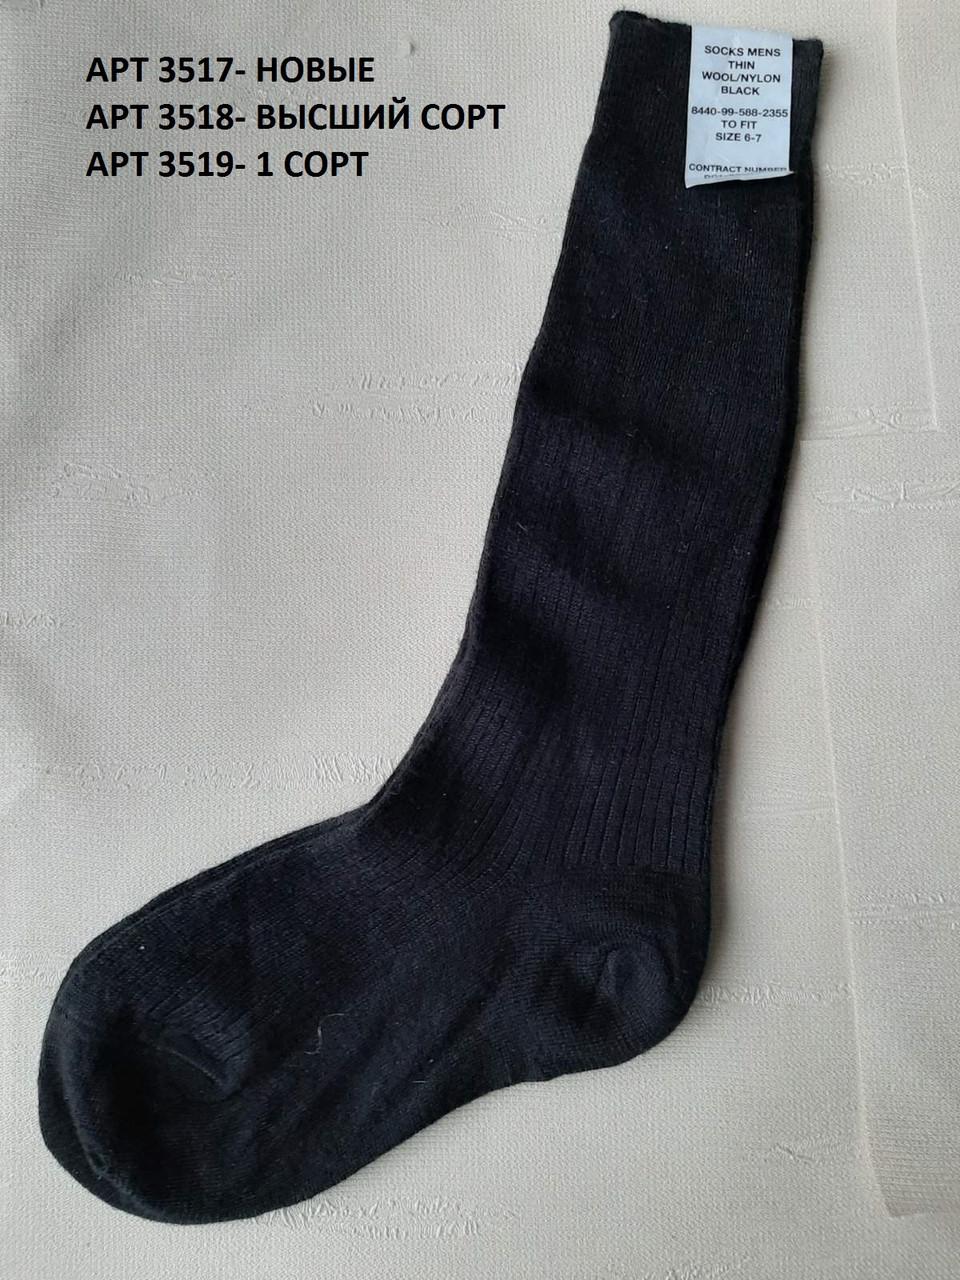 Демісезонні шкарпетки 5 ПАР Sock's, men's, Thin, Wool/Nylon, BLACK армії Великобританії бо 1 сорт